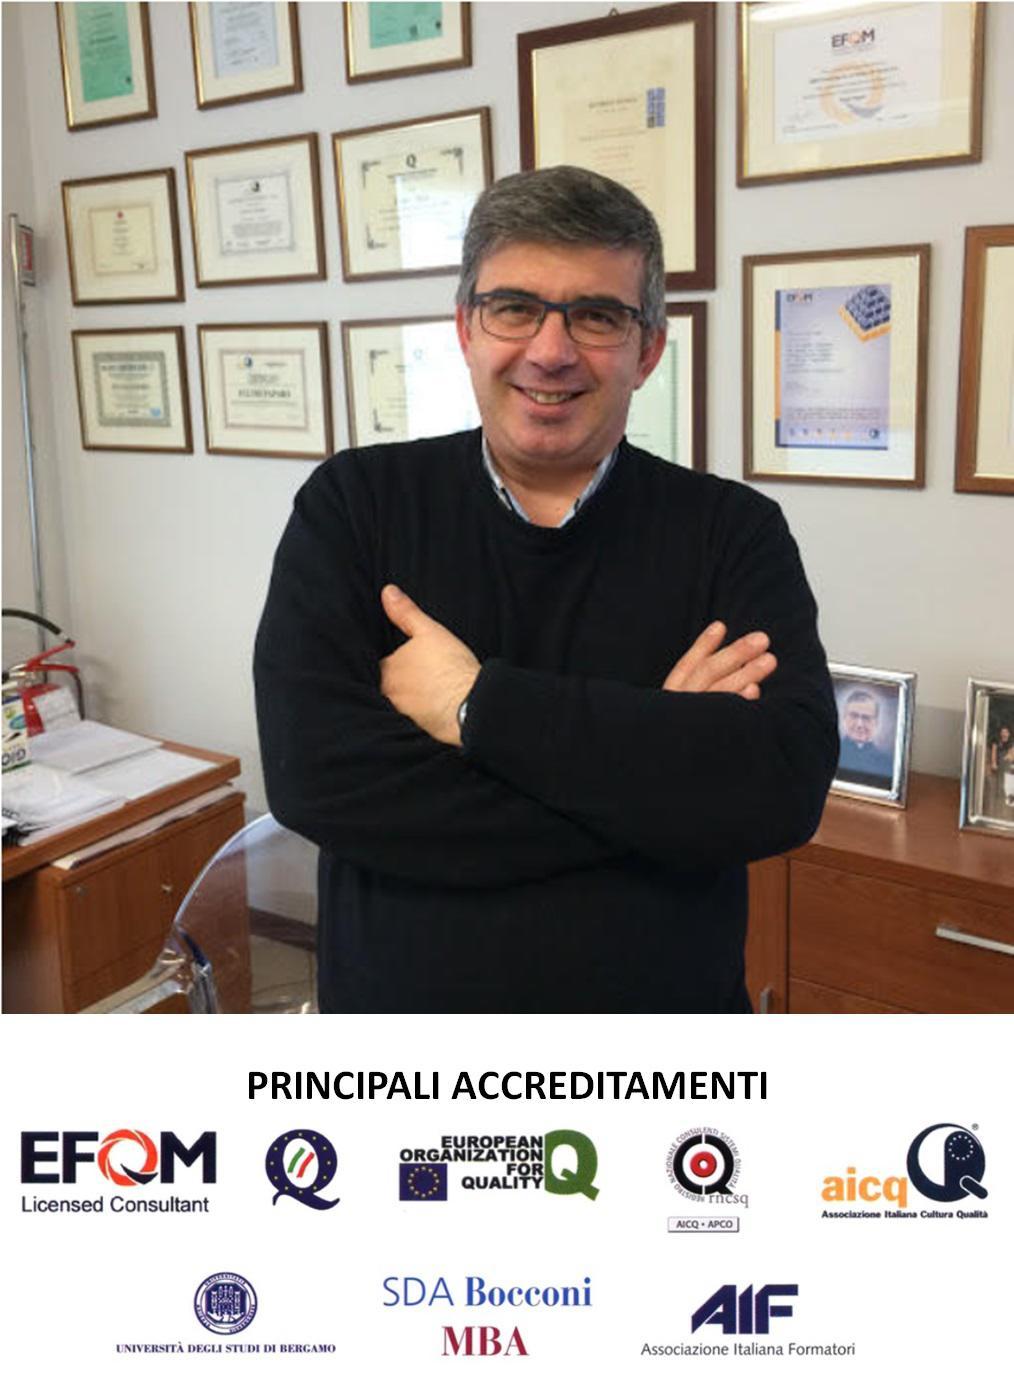 About EQMC - Fulvio Paparo - FQuality - Consulente Qualità - Accreditamenti - Def